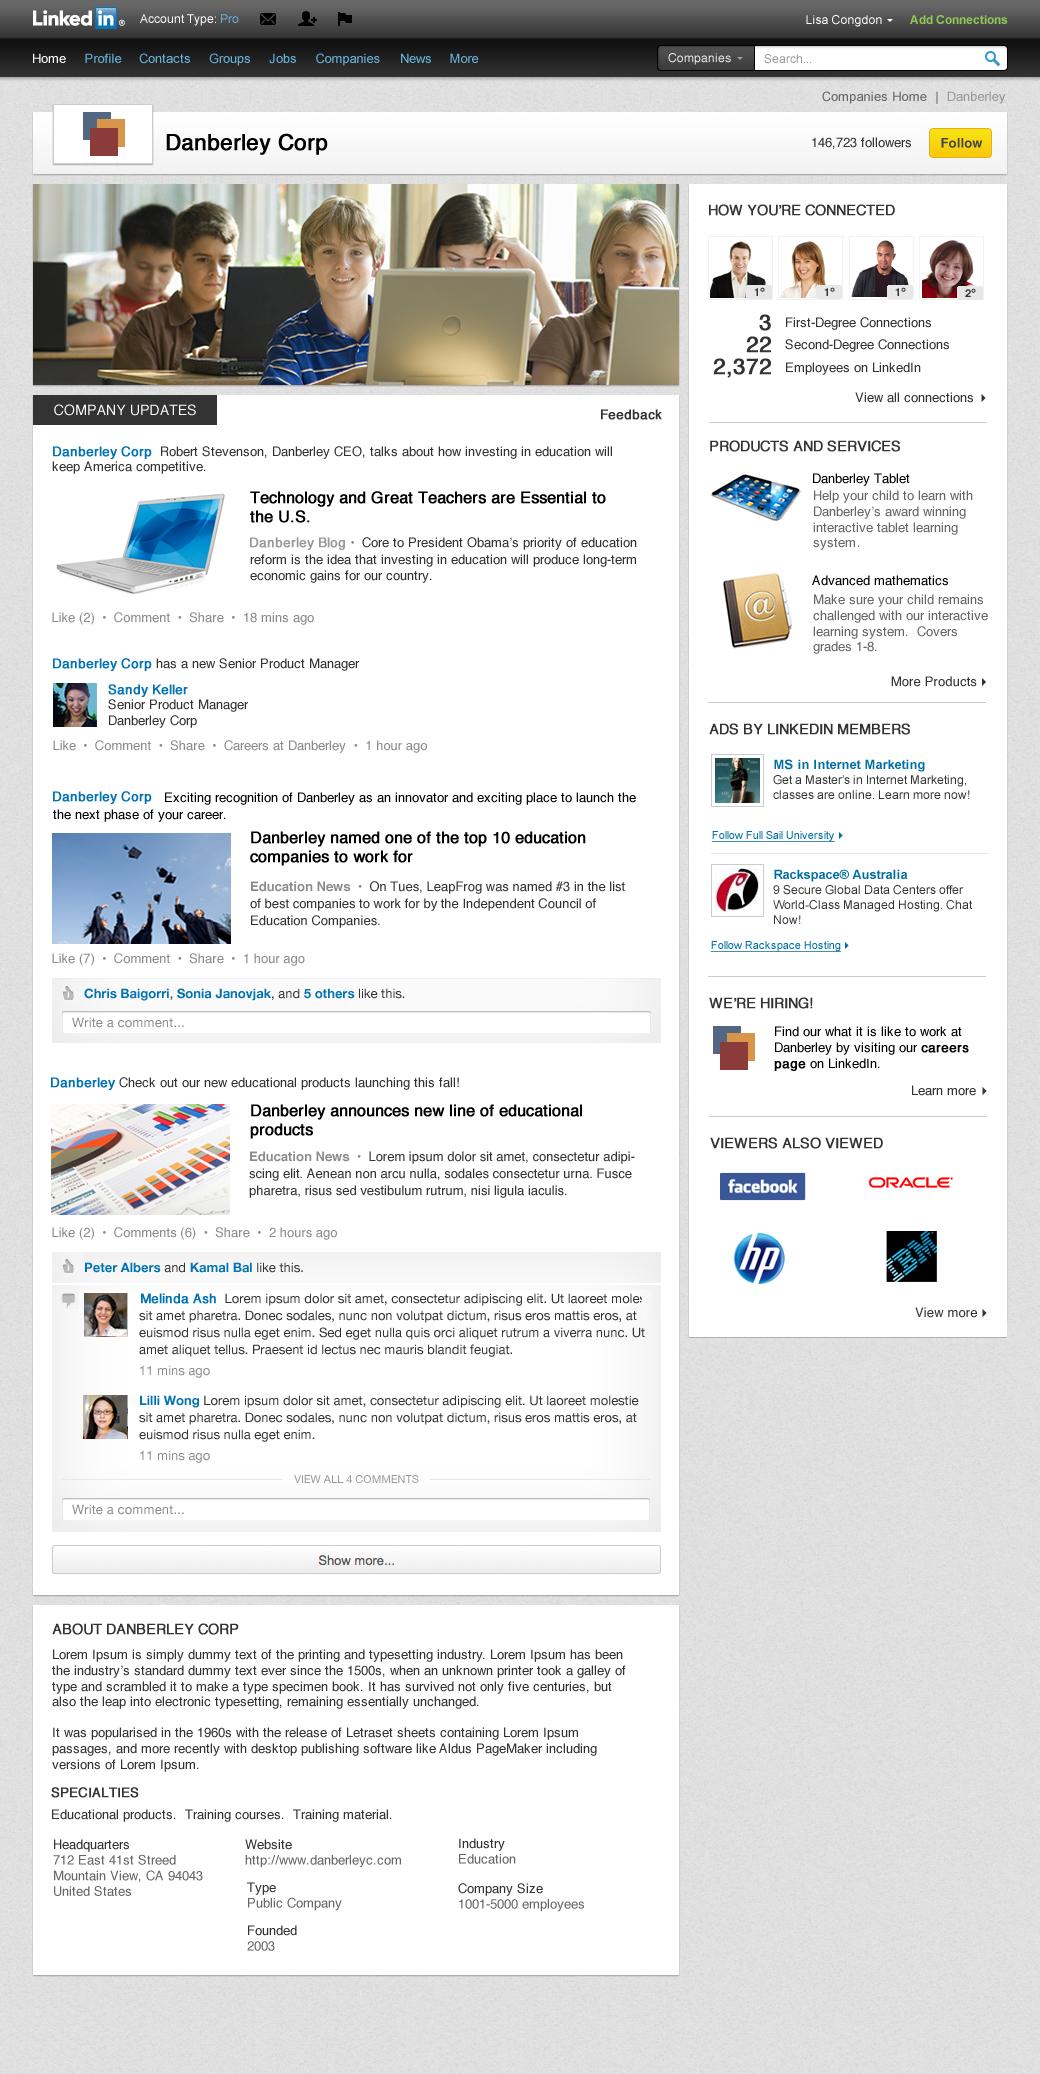 Копирайки до голяма степен модела на останалите социални мрежи, LinkedIn предоставя на компаниите възможност да се промотират по един различен начин.